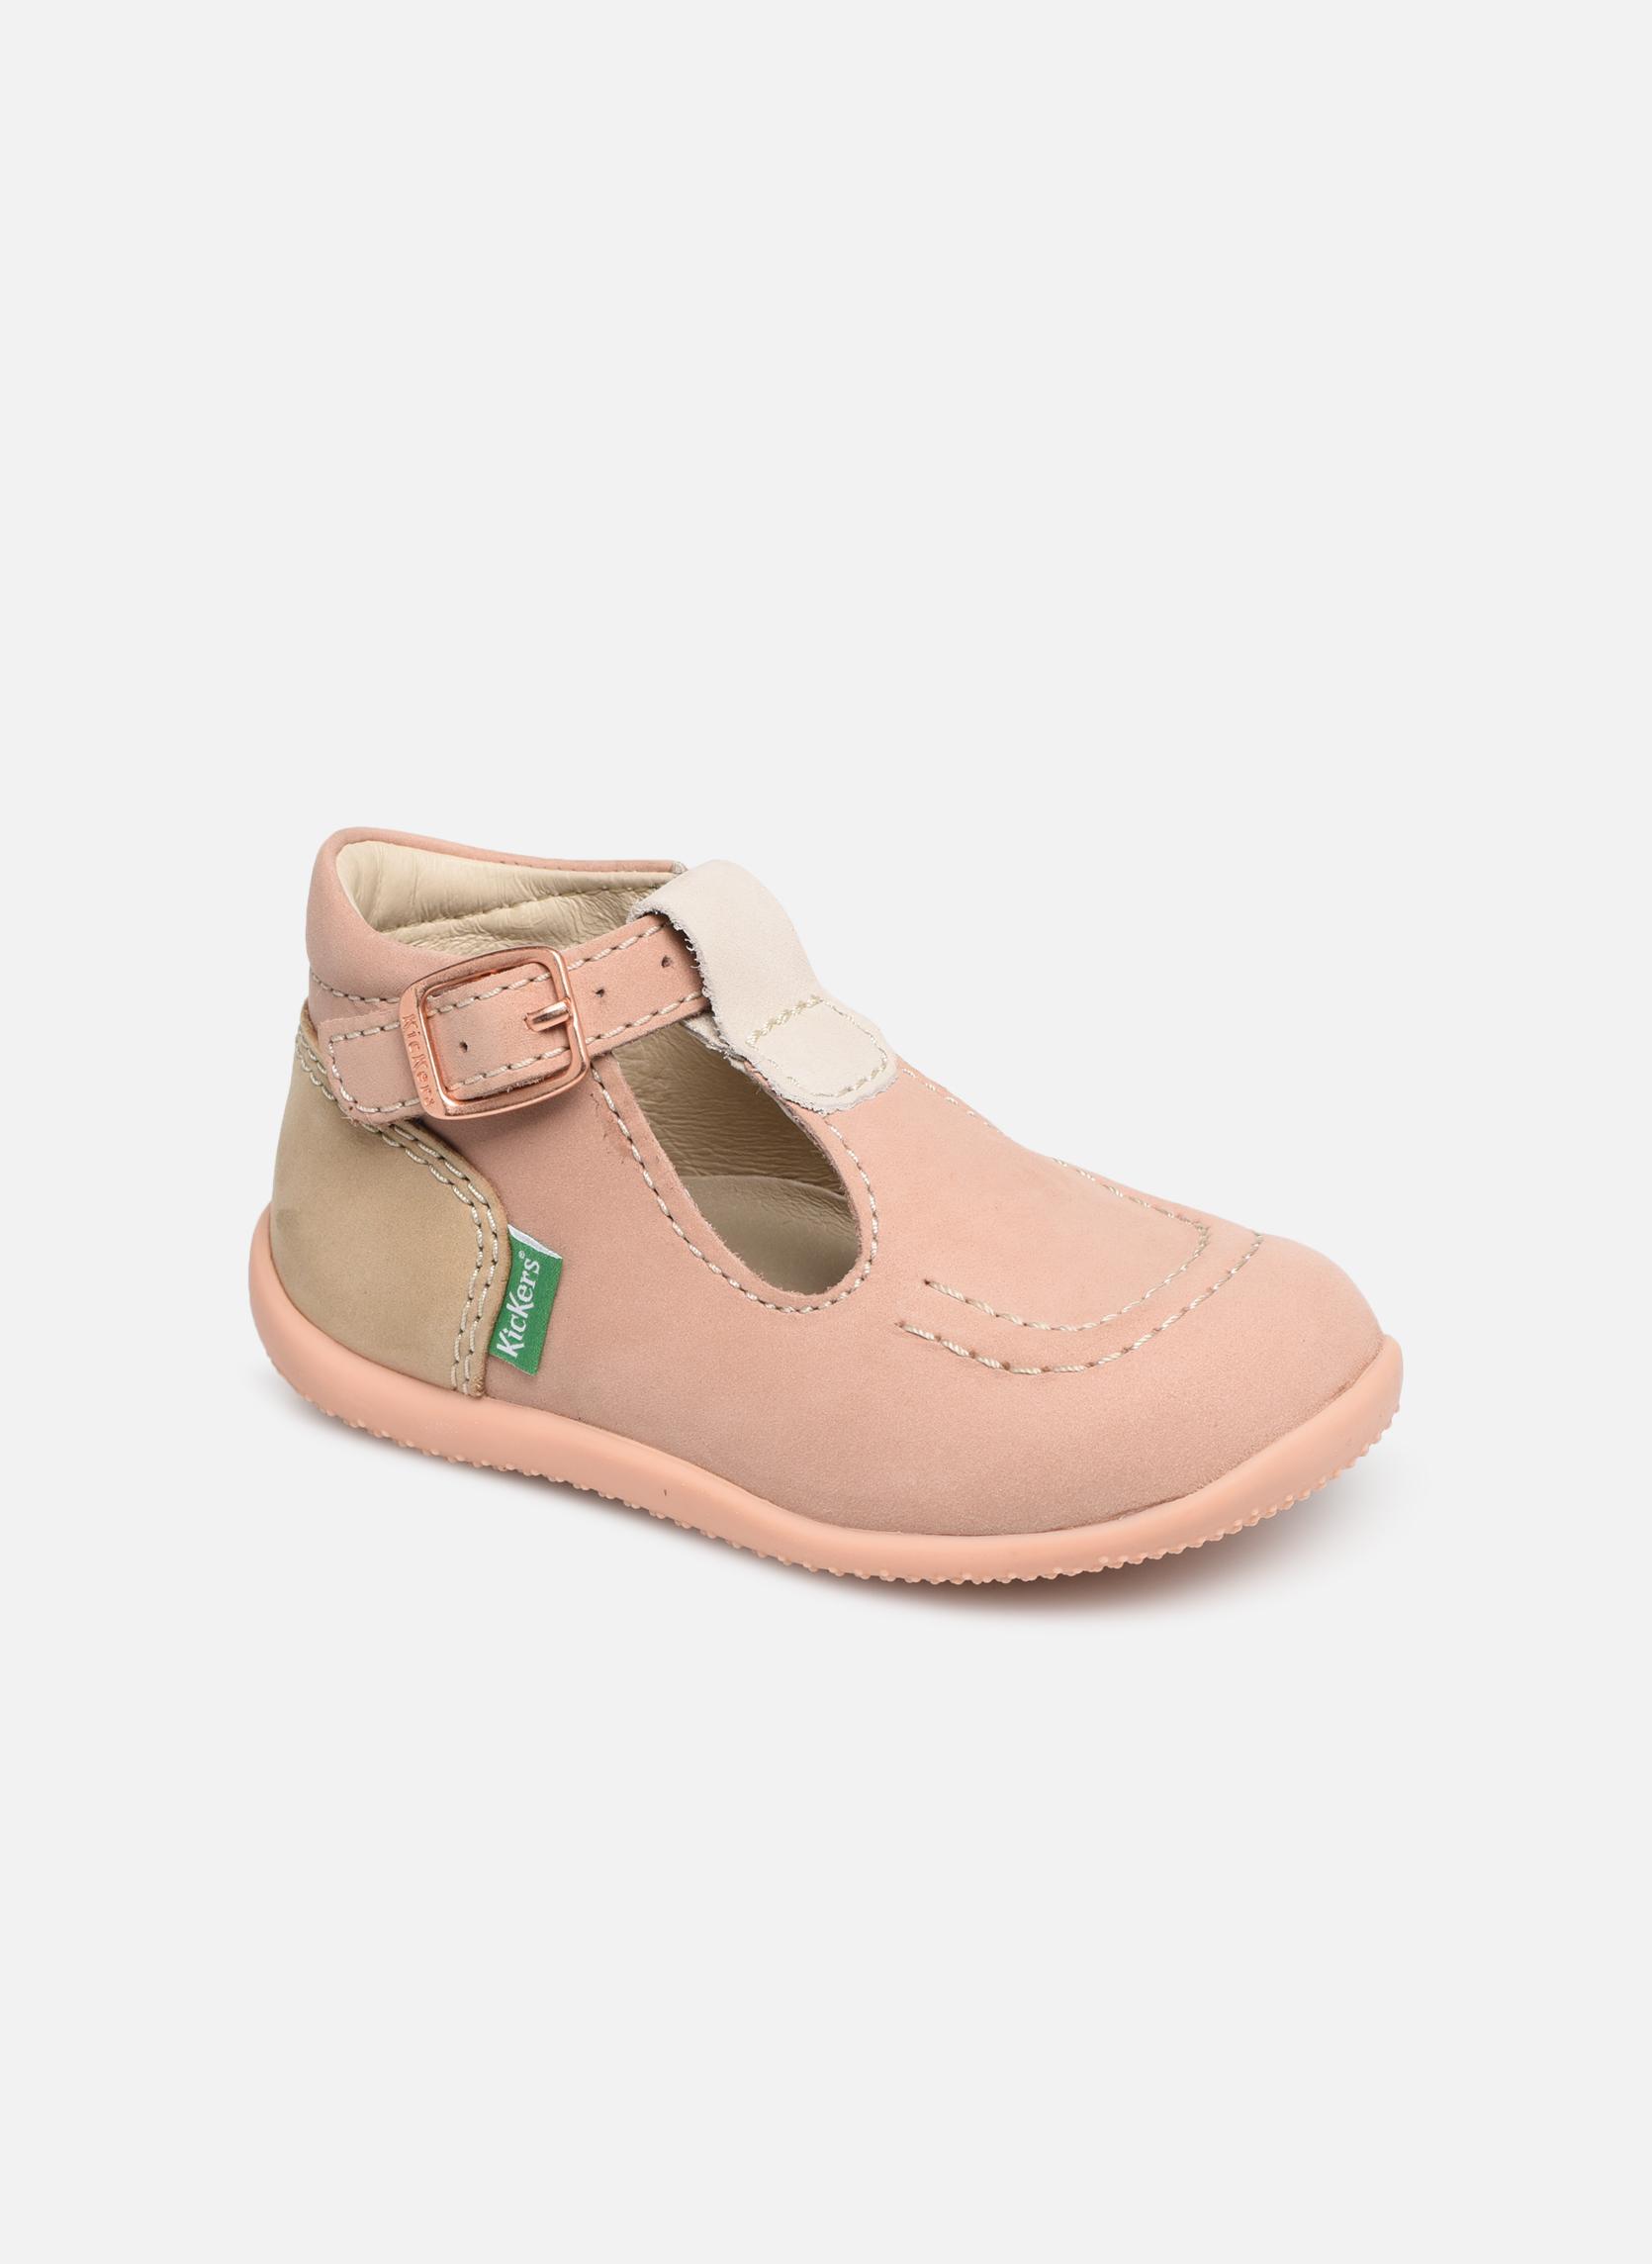 Zomerlaarsjes Kickers Roze